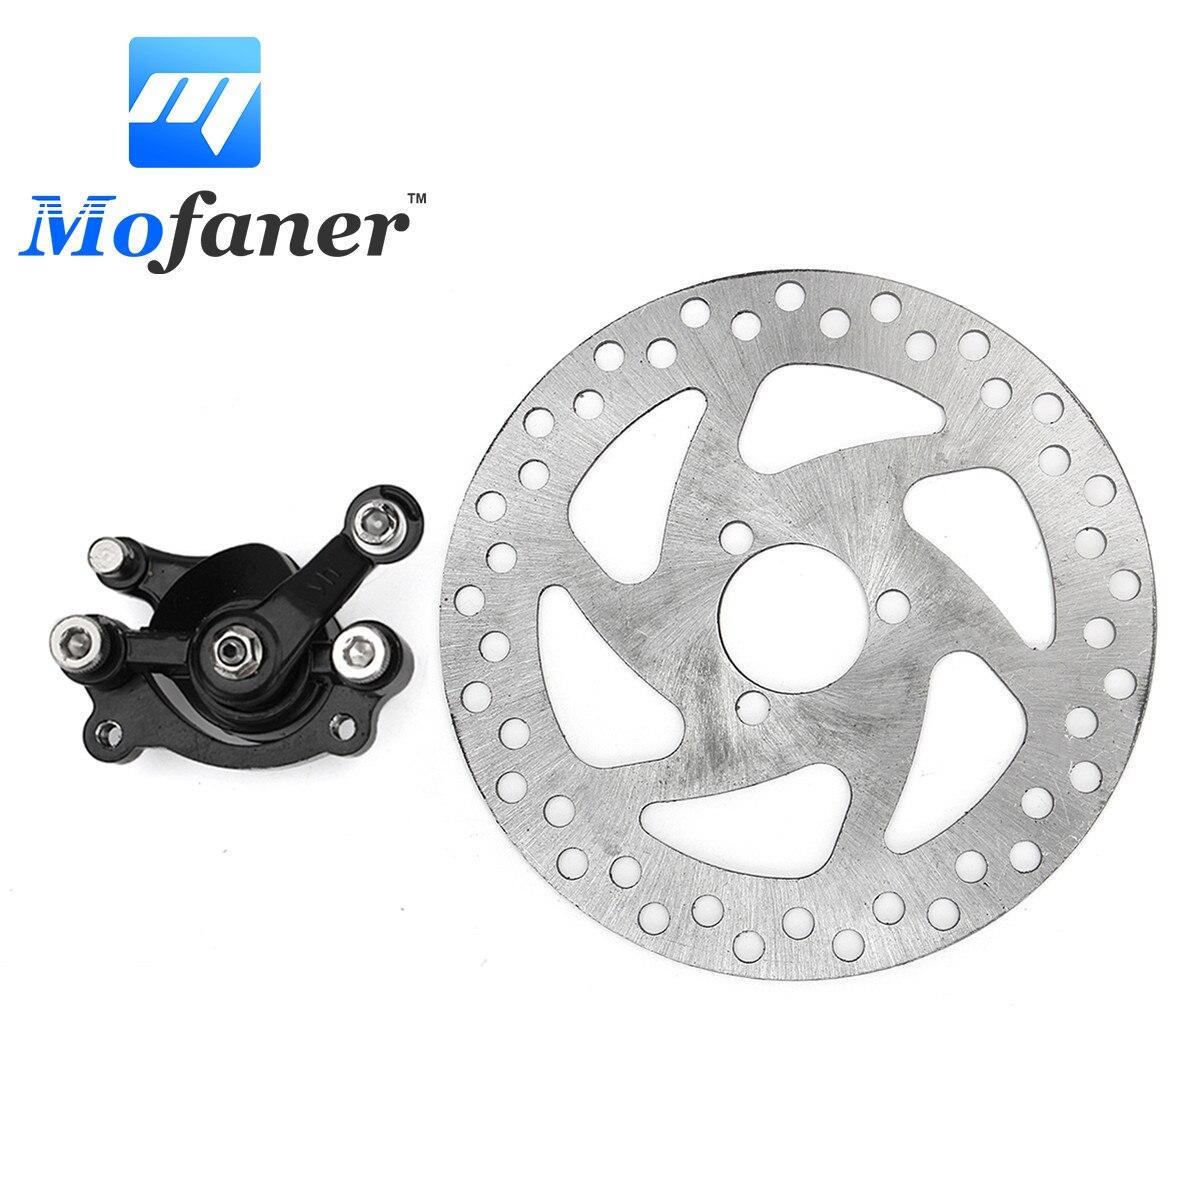 """Mofaner גז אופני עפר מיני אחורי דיסק בלם Caliper ערכת 140 מ""""מ הרוטורים חשמלי סקוטר טרקטורונים"""